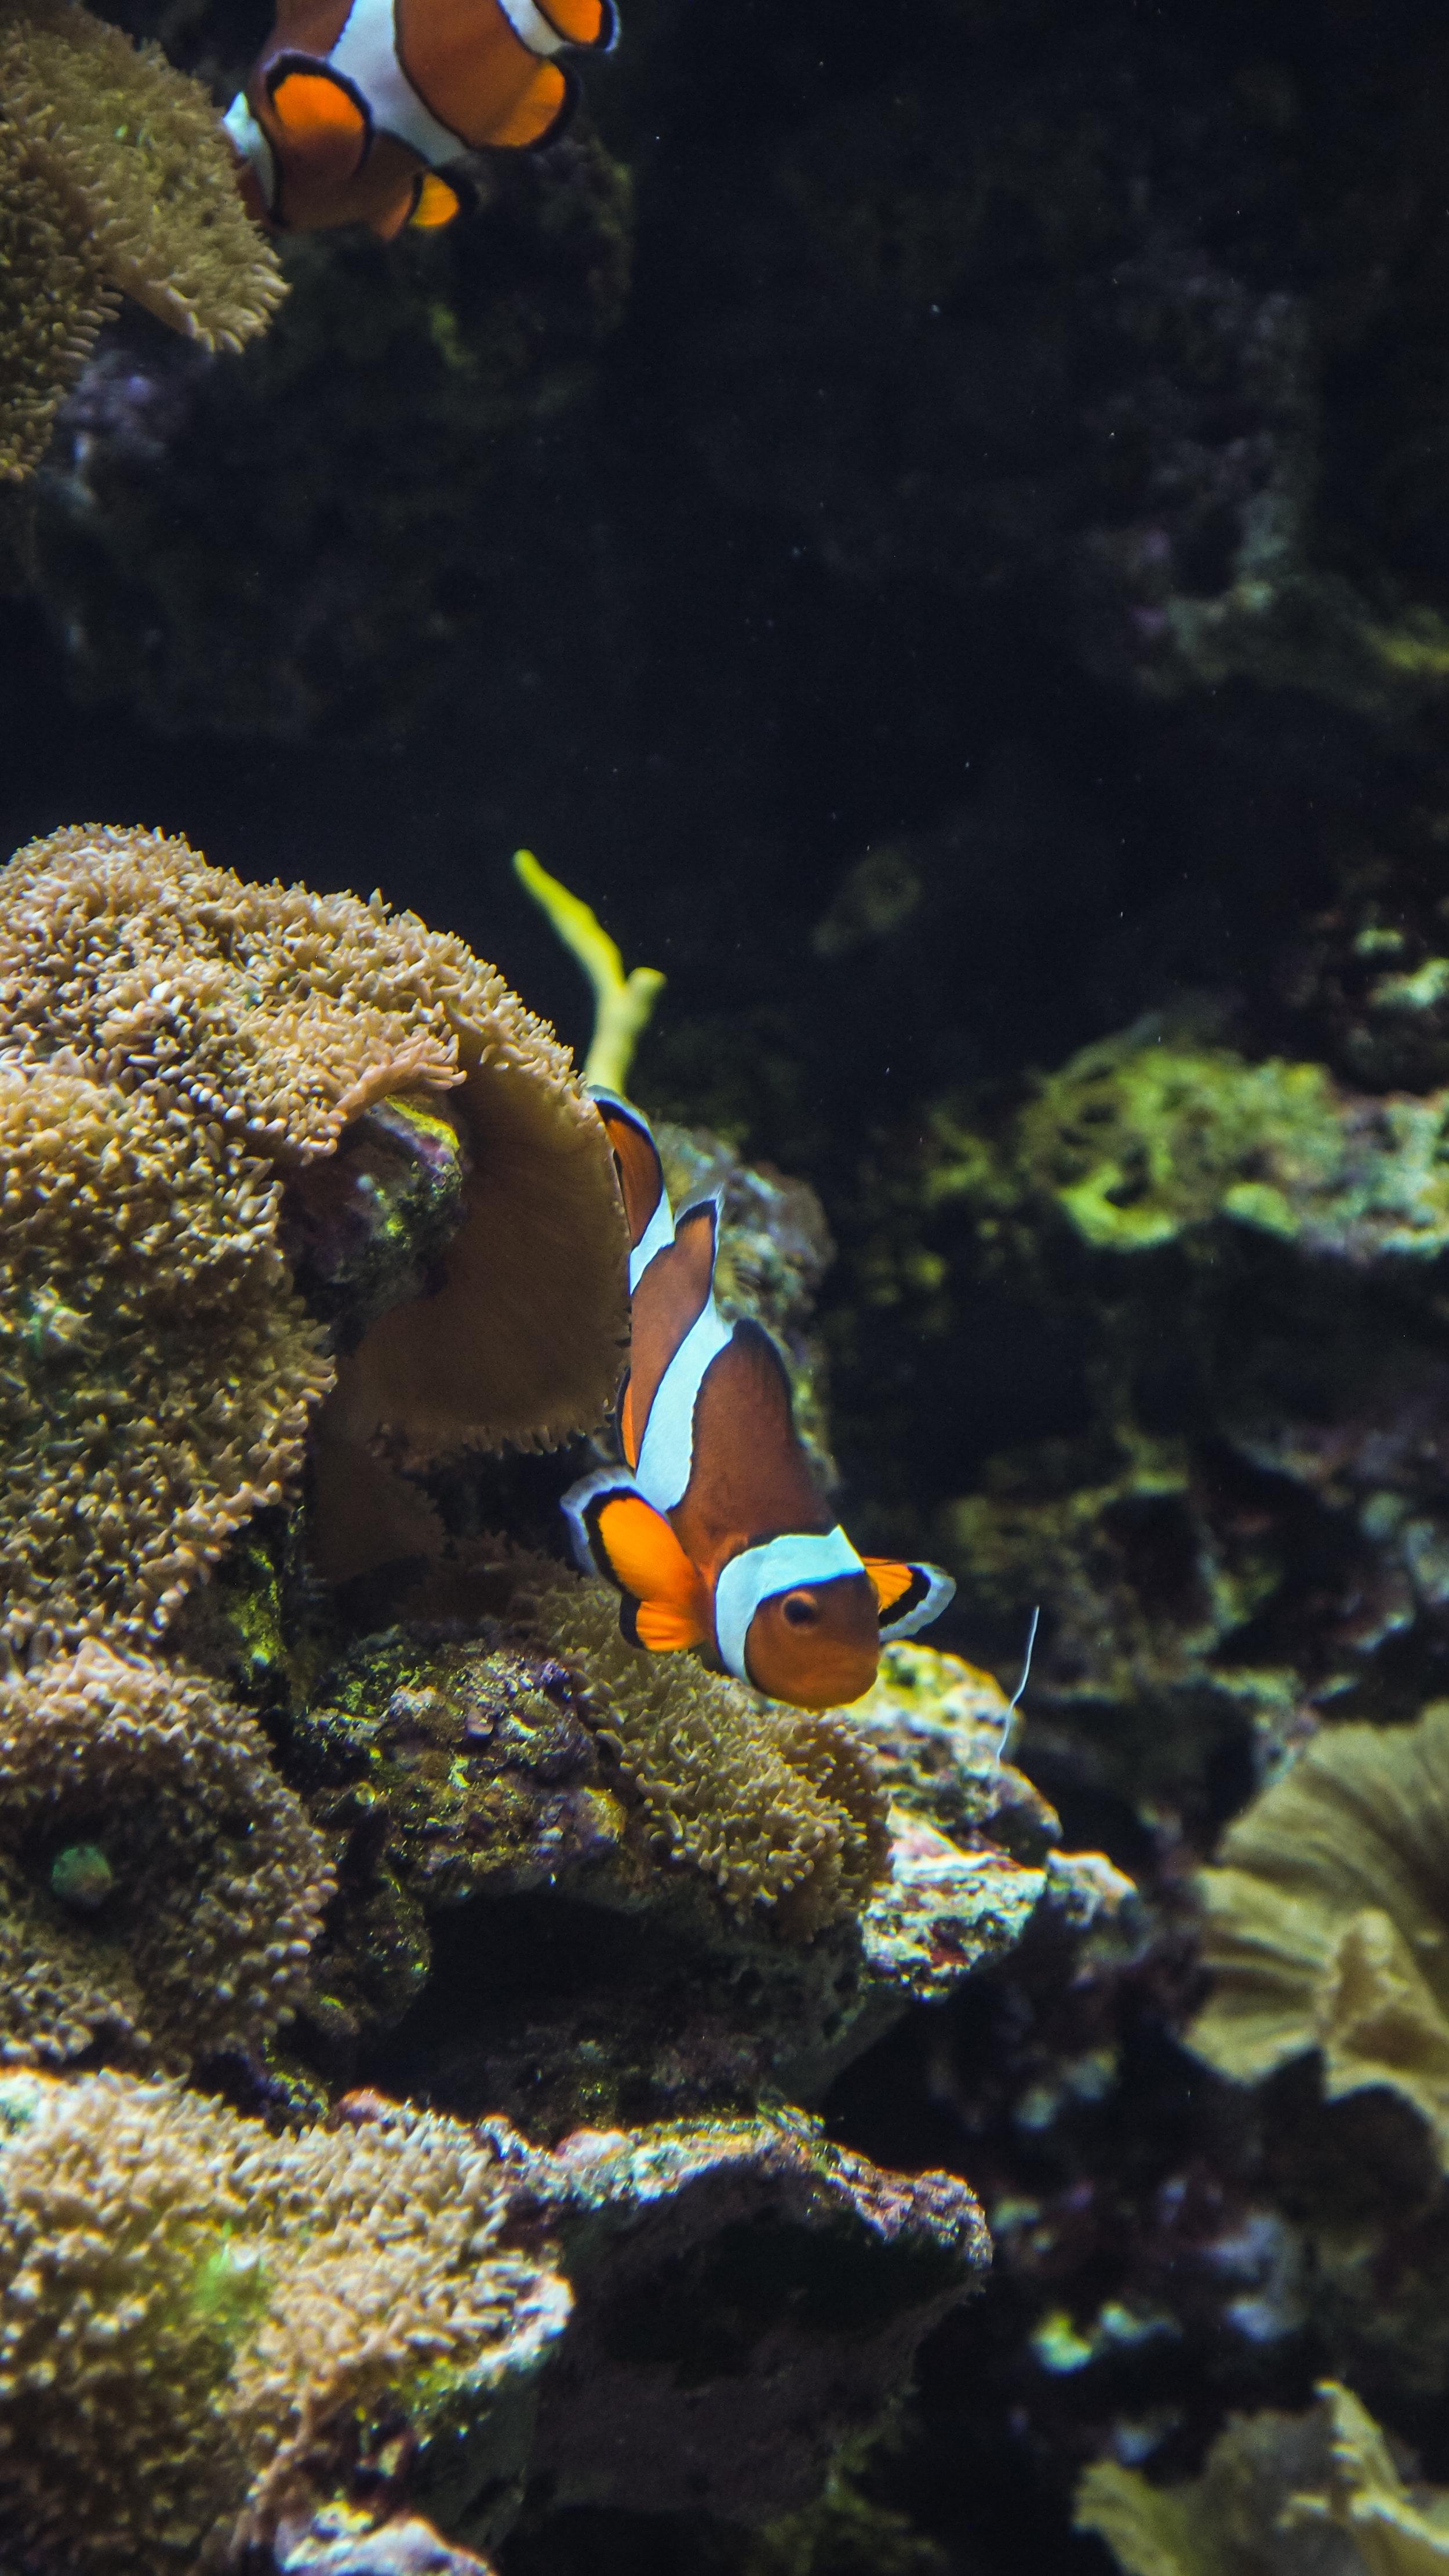 Ripley's Aquarium SC 2016